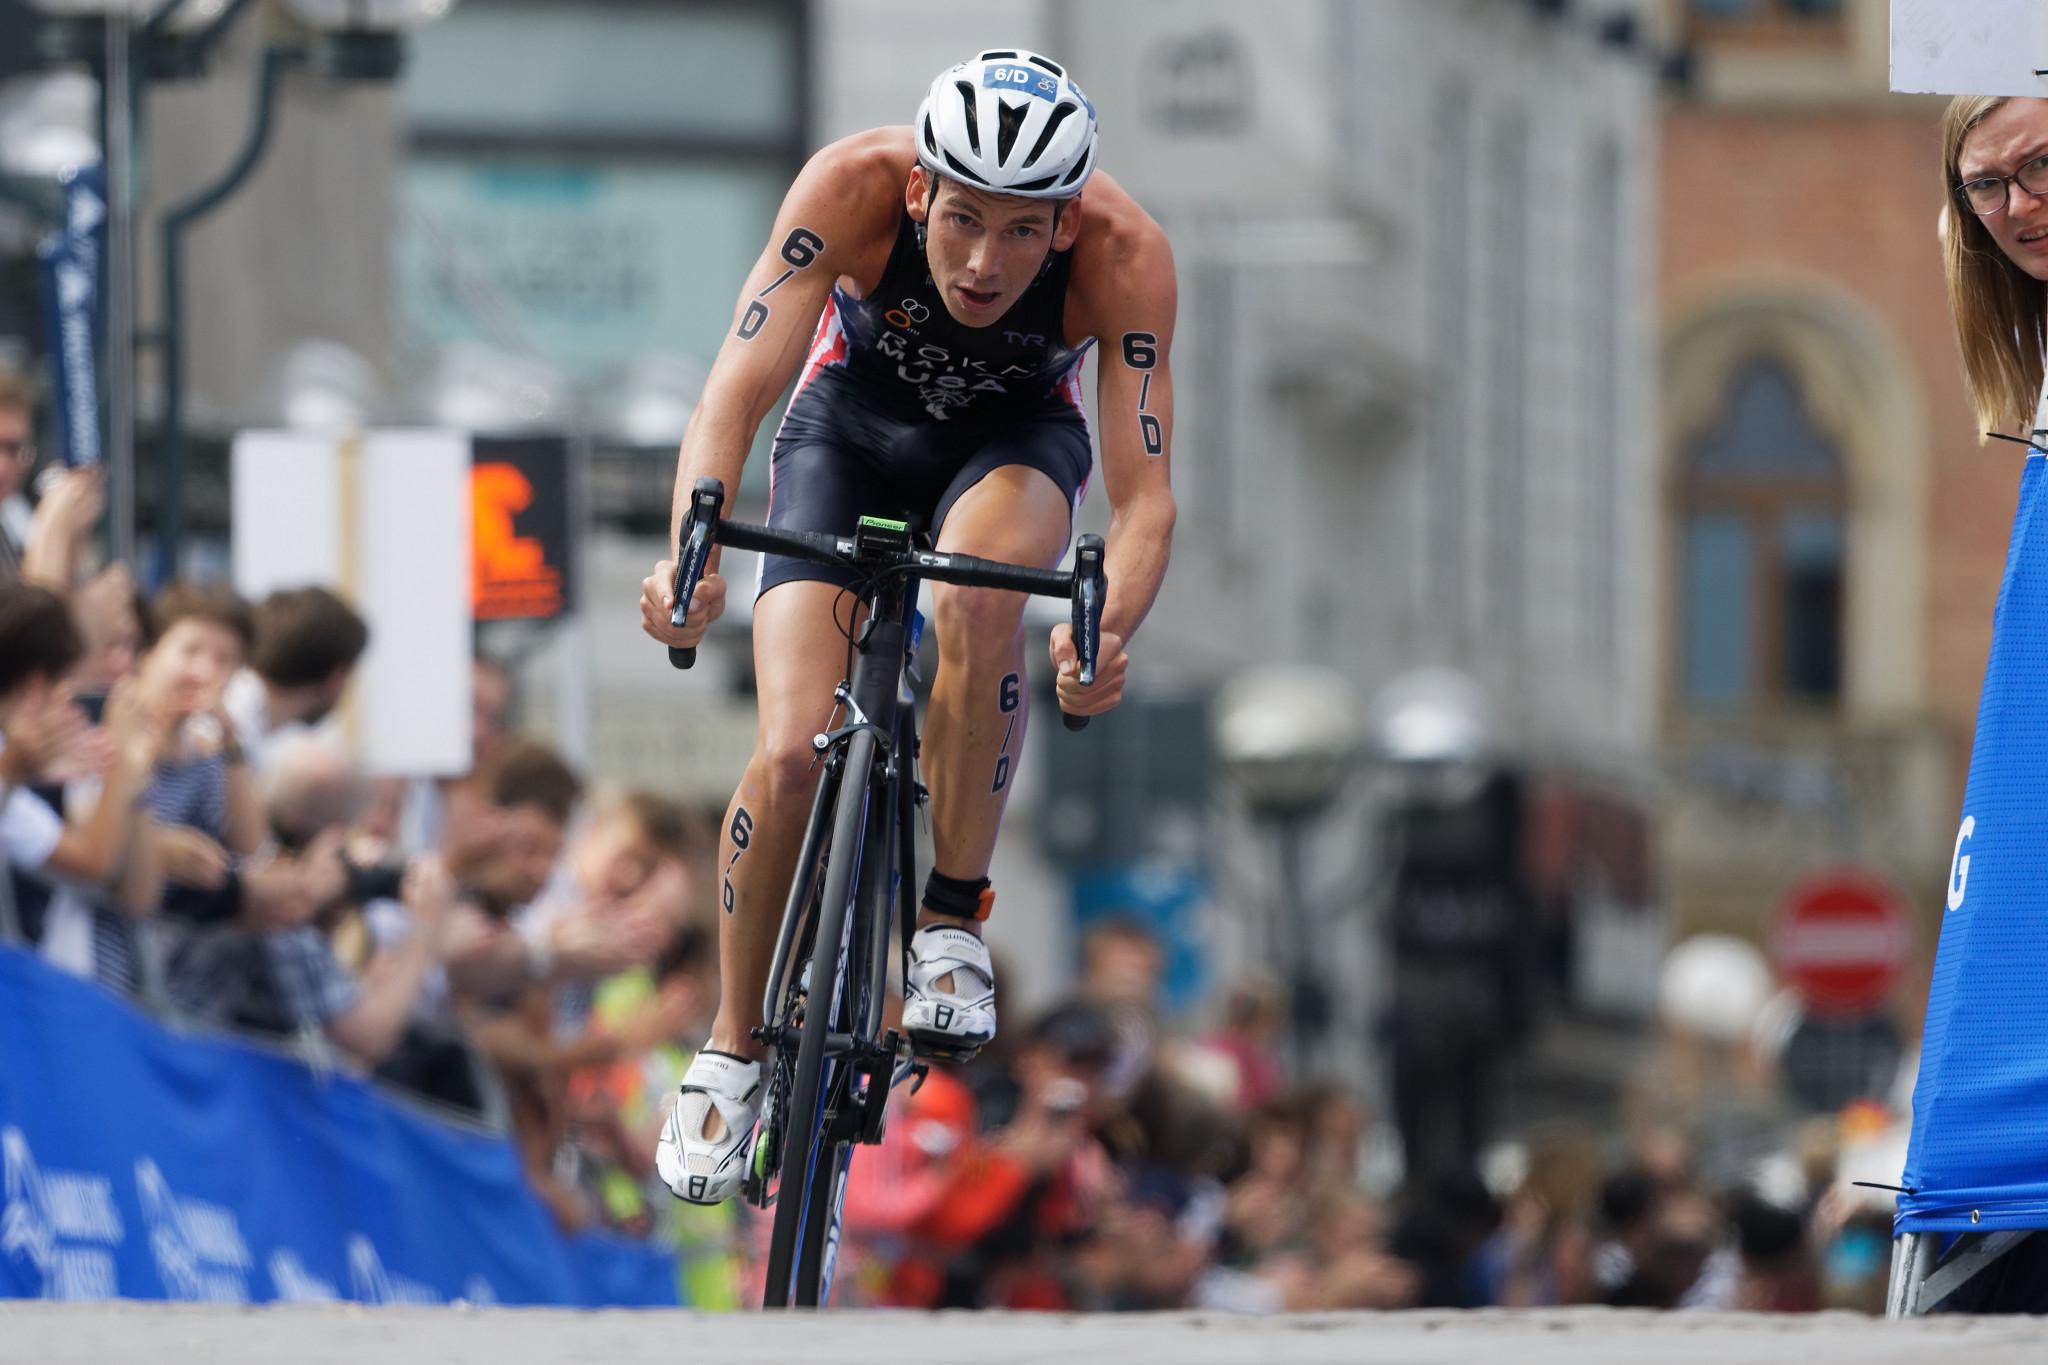 Rio 2016 Olympian Maloy to lead USA Triathlon Collegiate Recruitment Programme